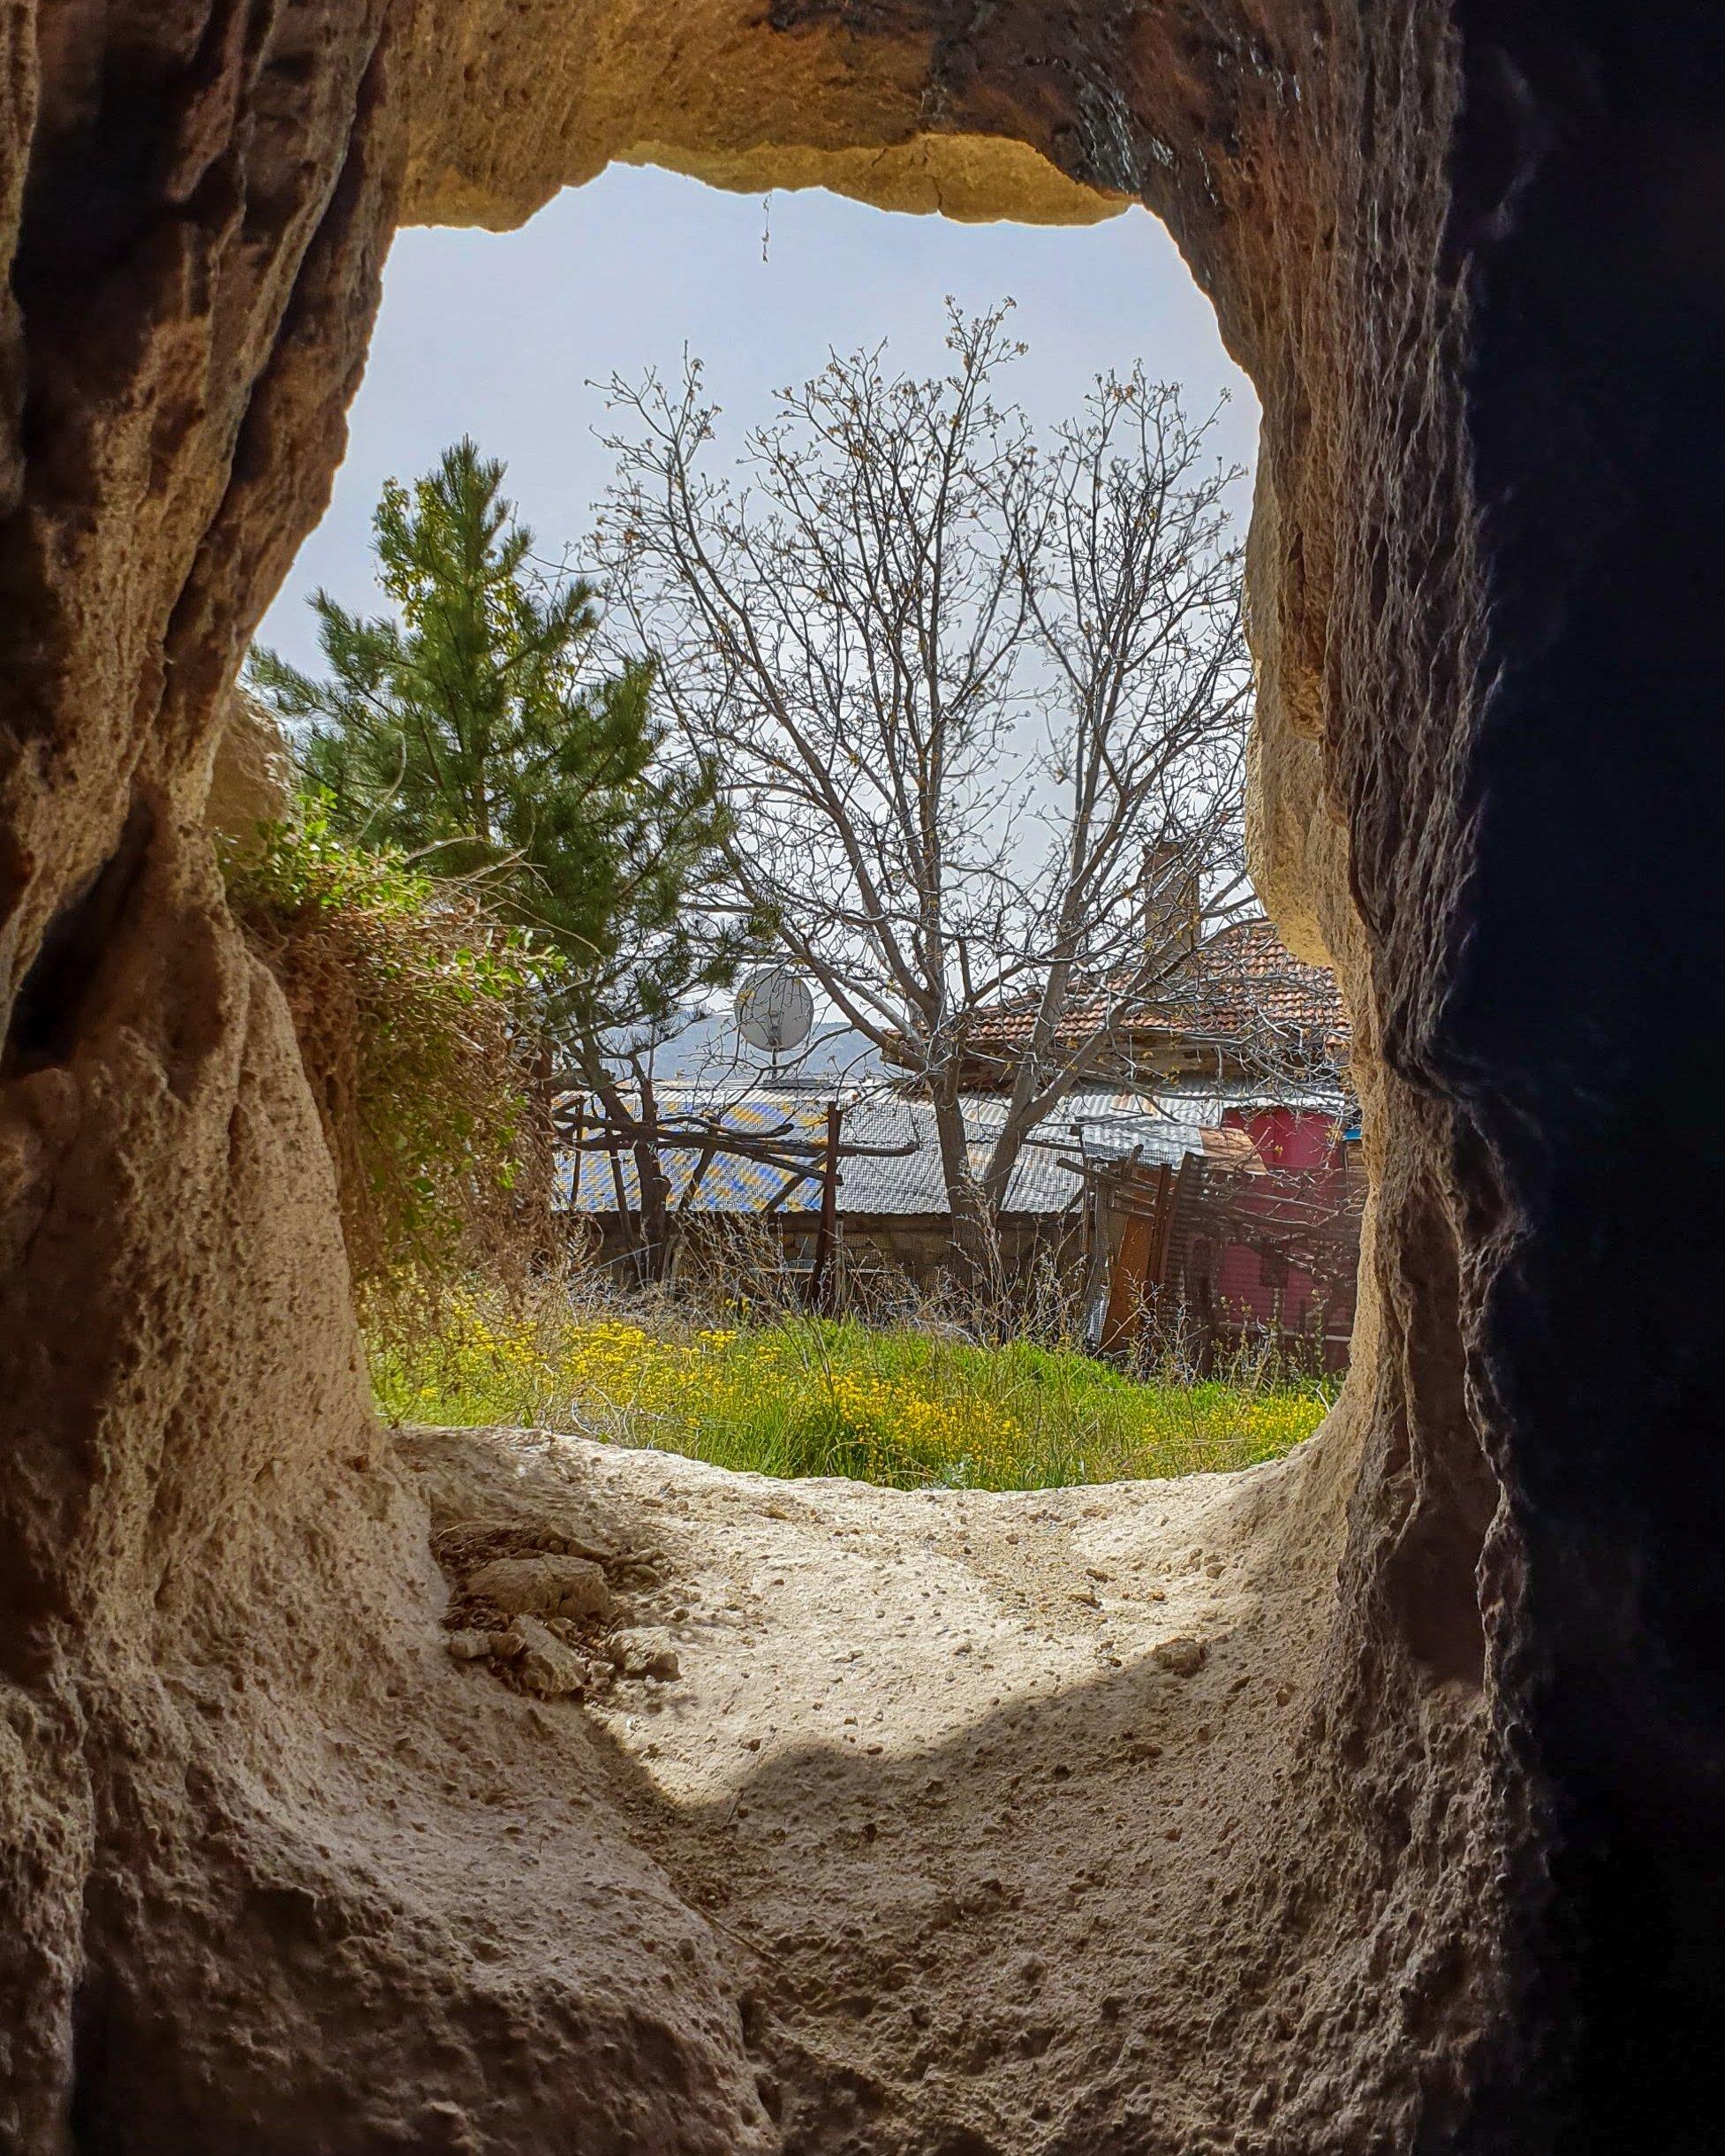 Une vue du village à travers la fenêtre de l'une des anciennes structures.  (Photo par Argun Konuk)